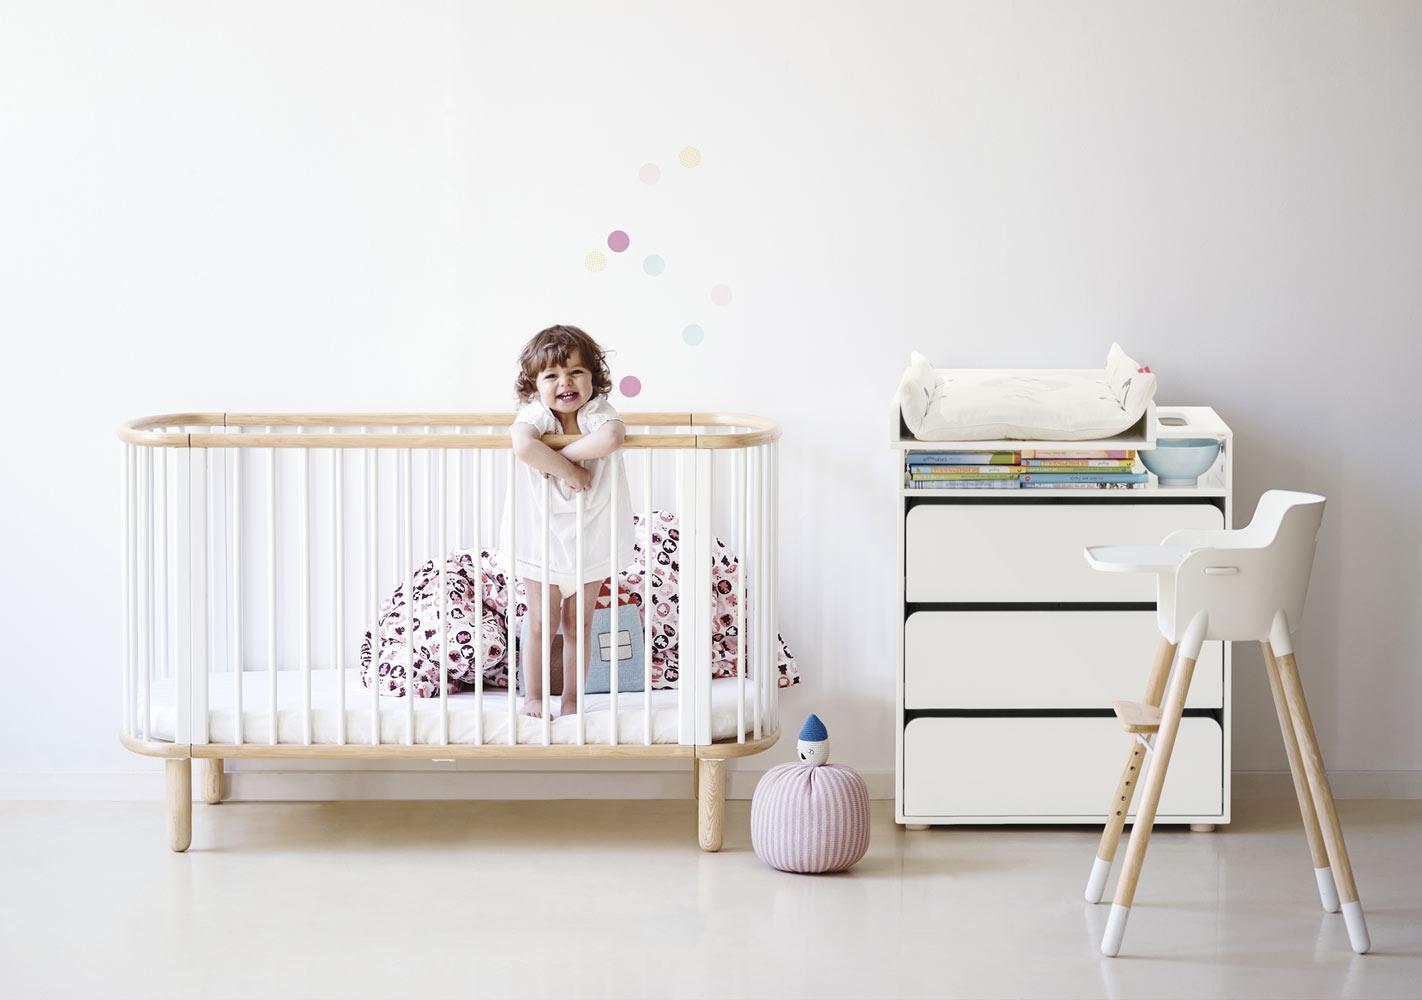 Lit bébé ovale Blanc/hêtre -  FLEXA